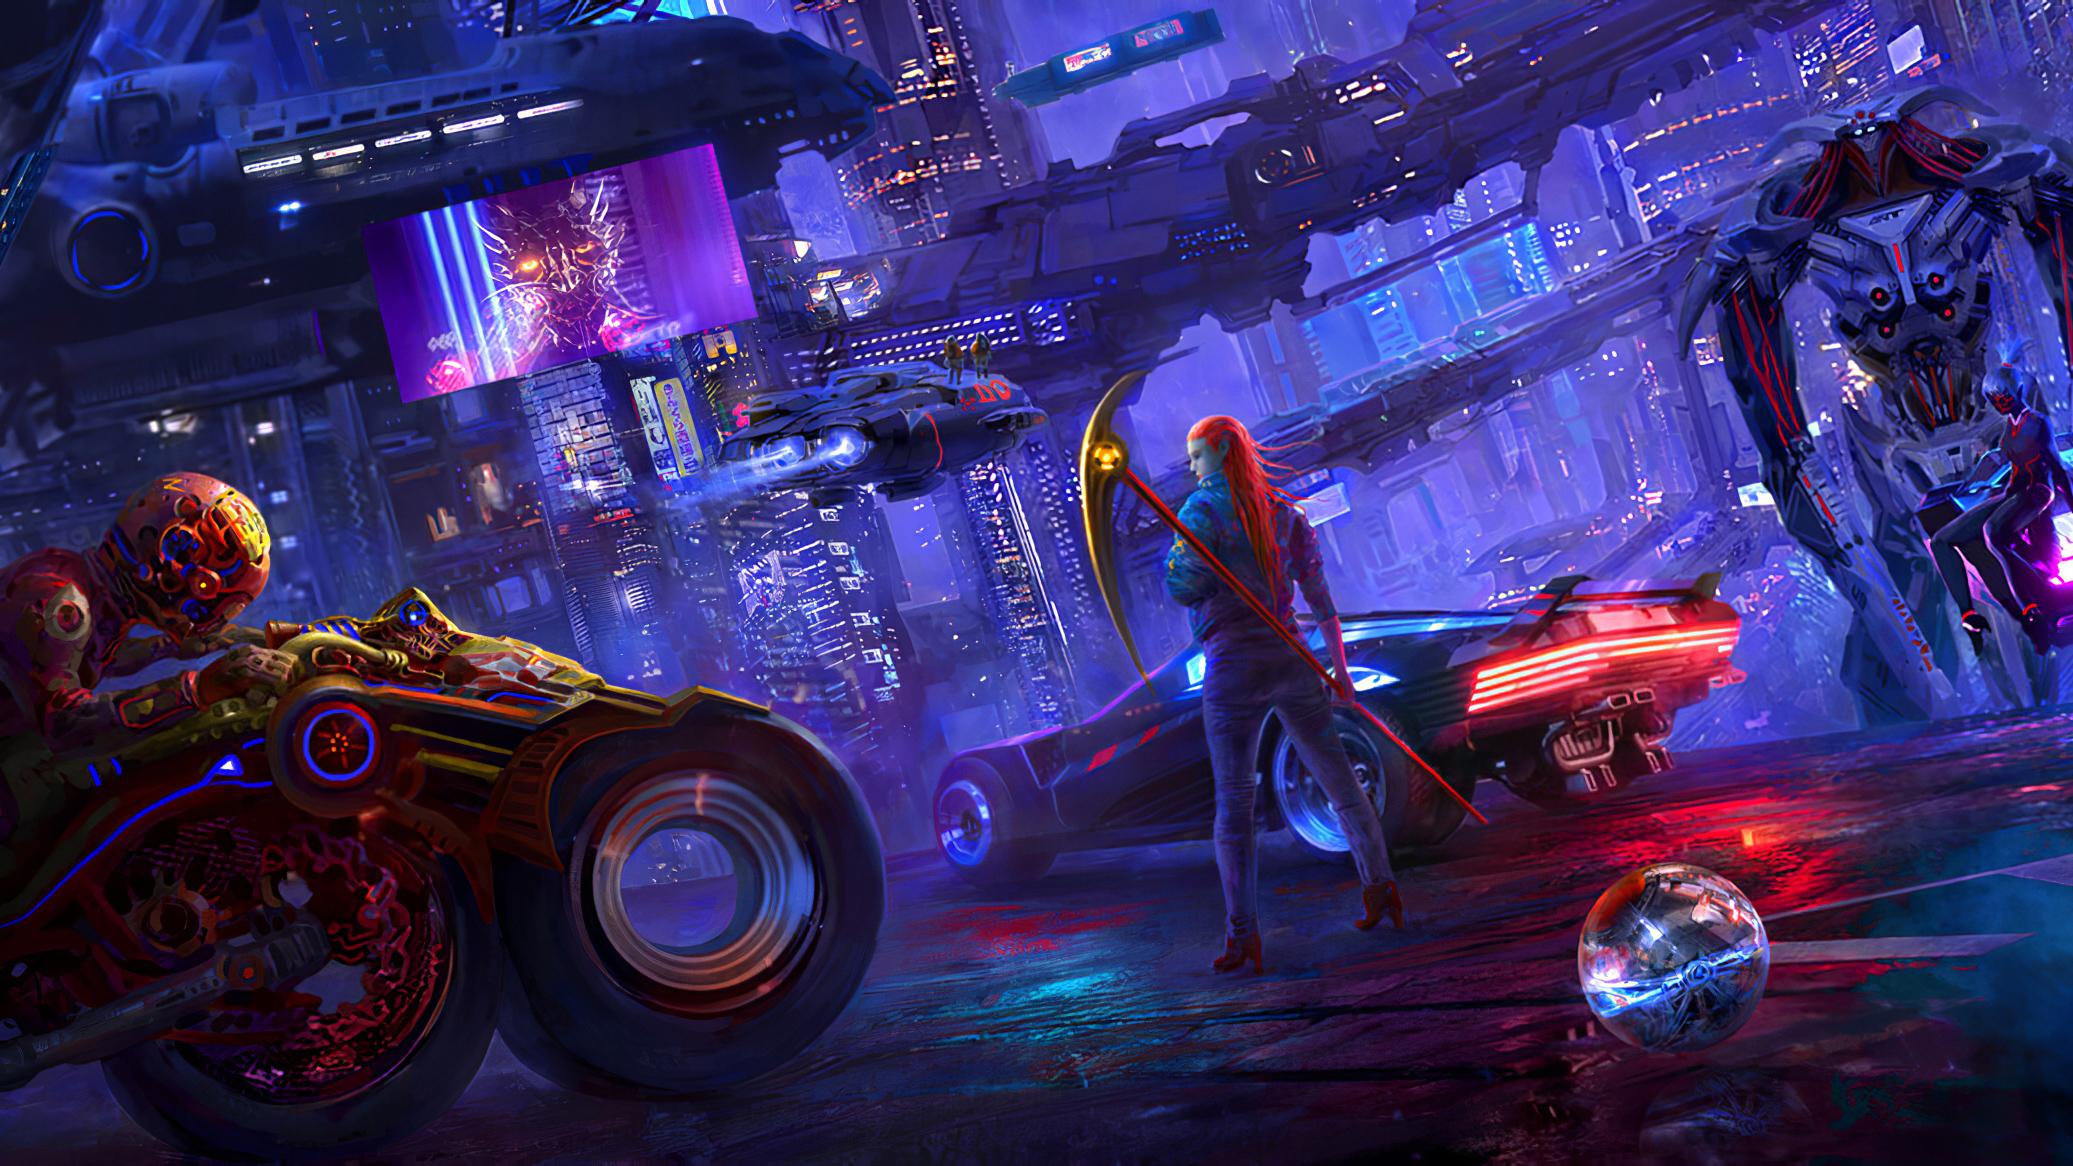 Cyberpunk 2077 Newart, HD Games, 4k Wallpapers, Images ...